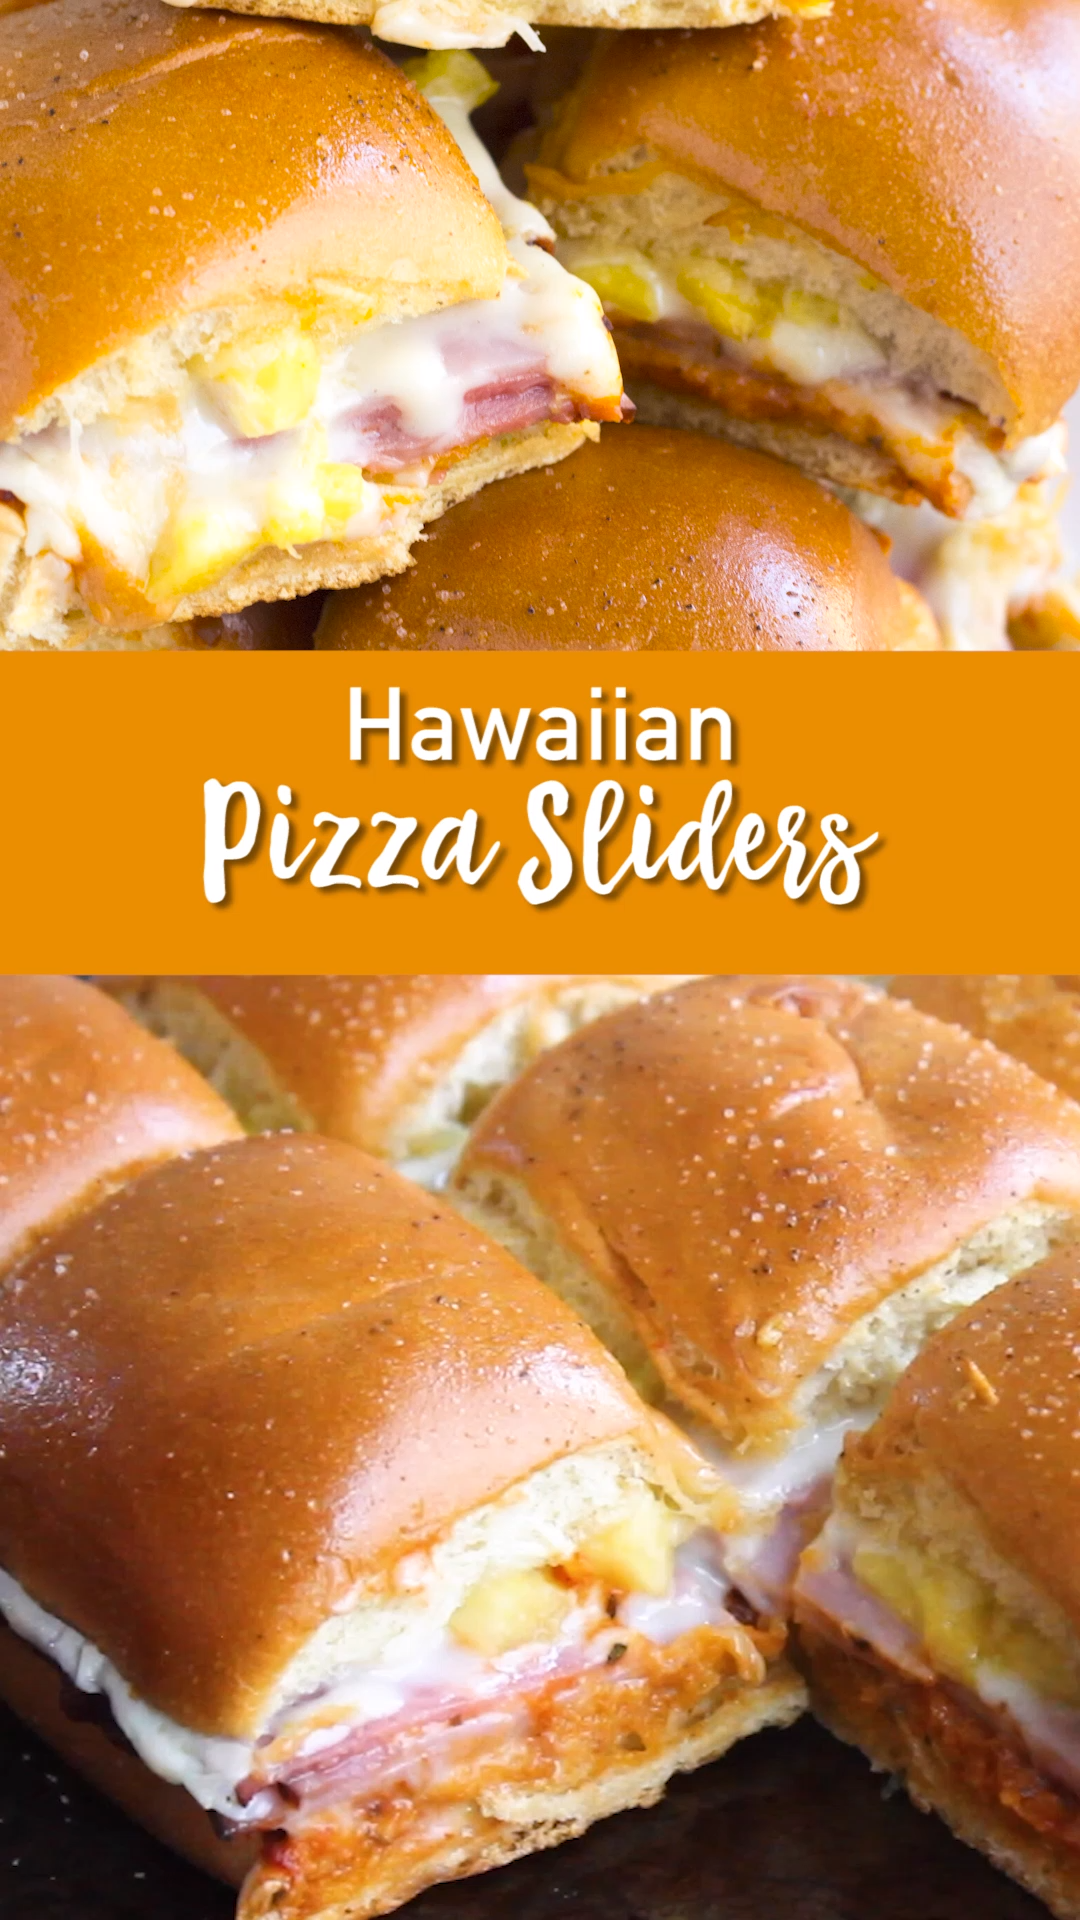 Hawaiian Pizza Sliders